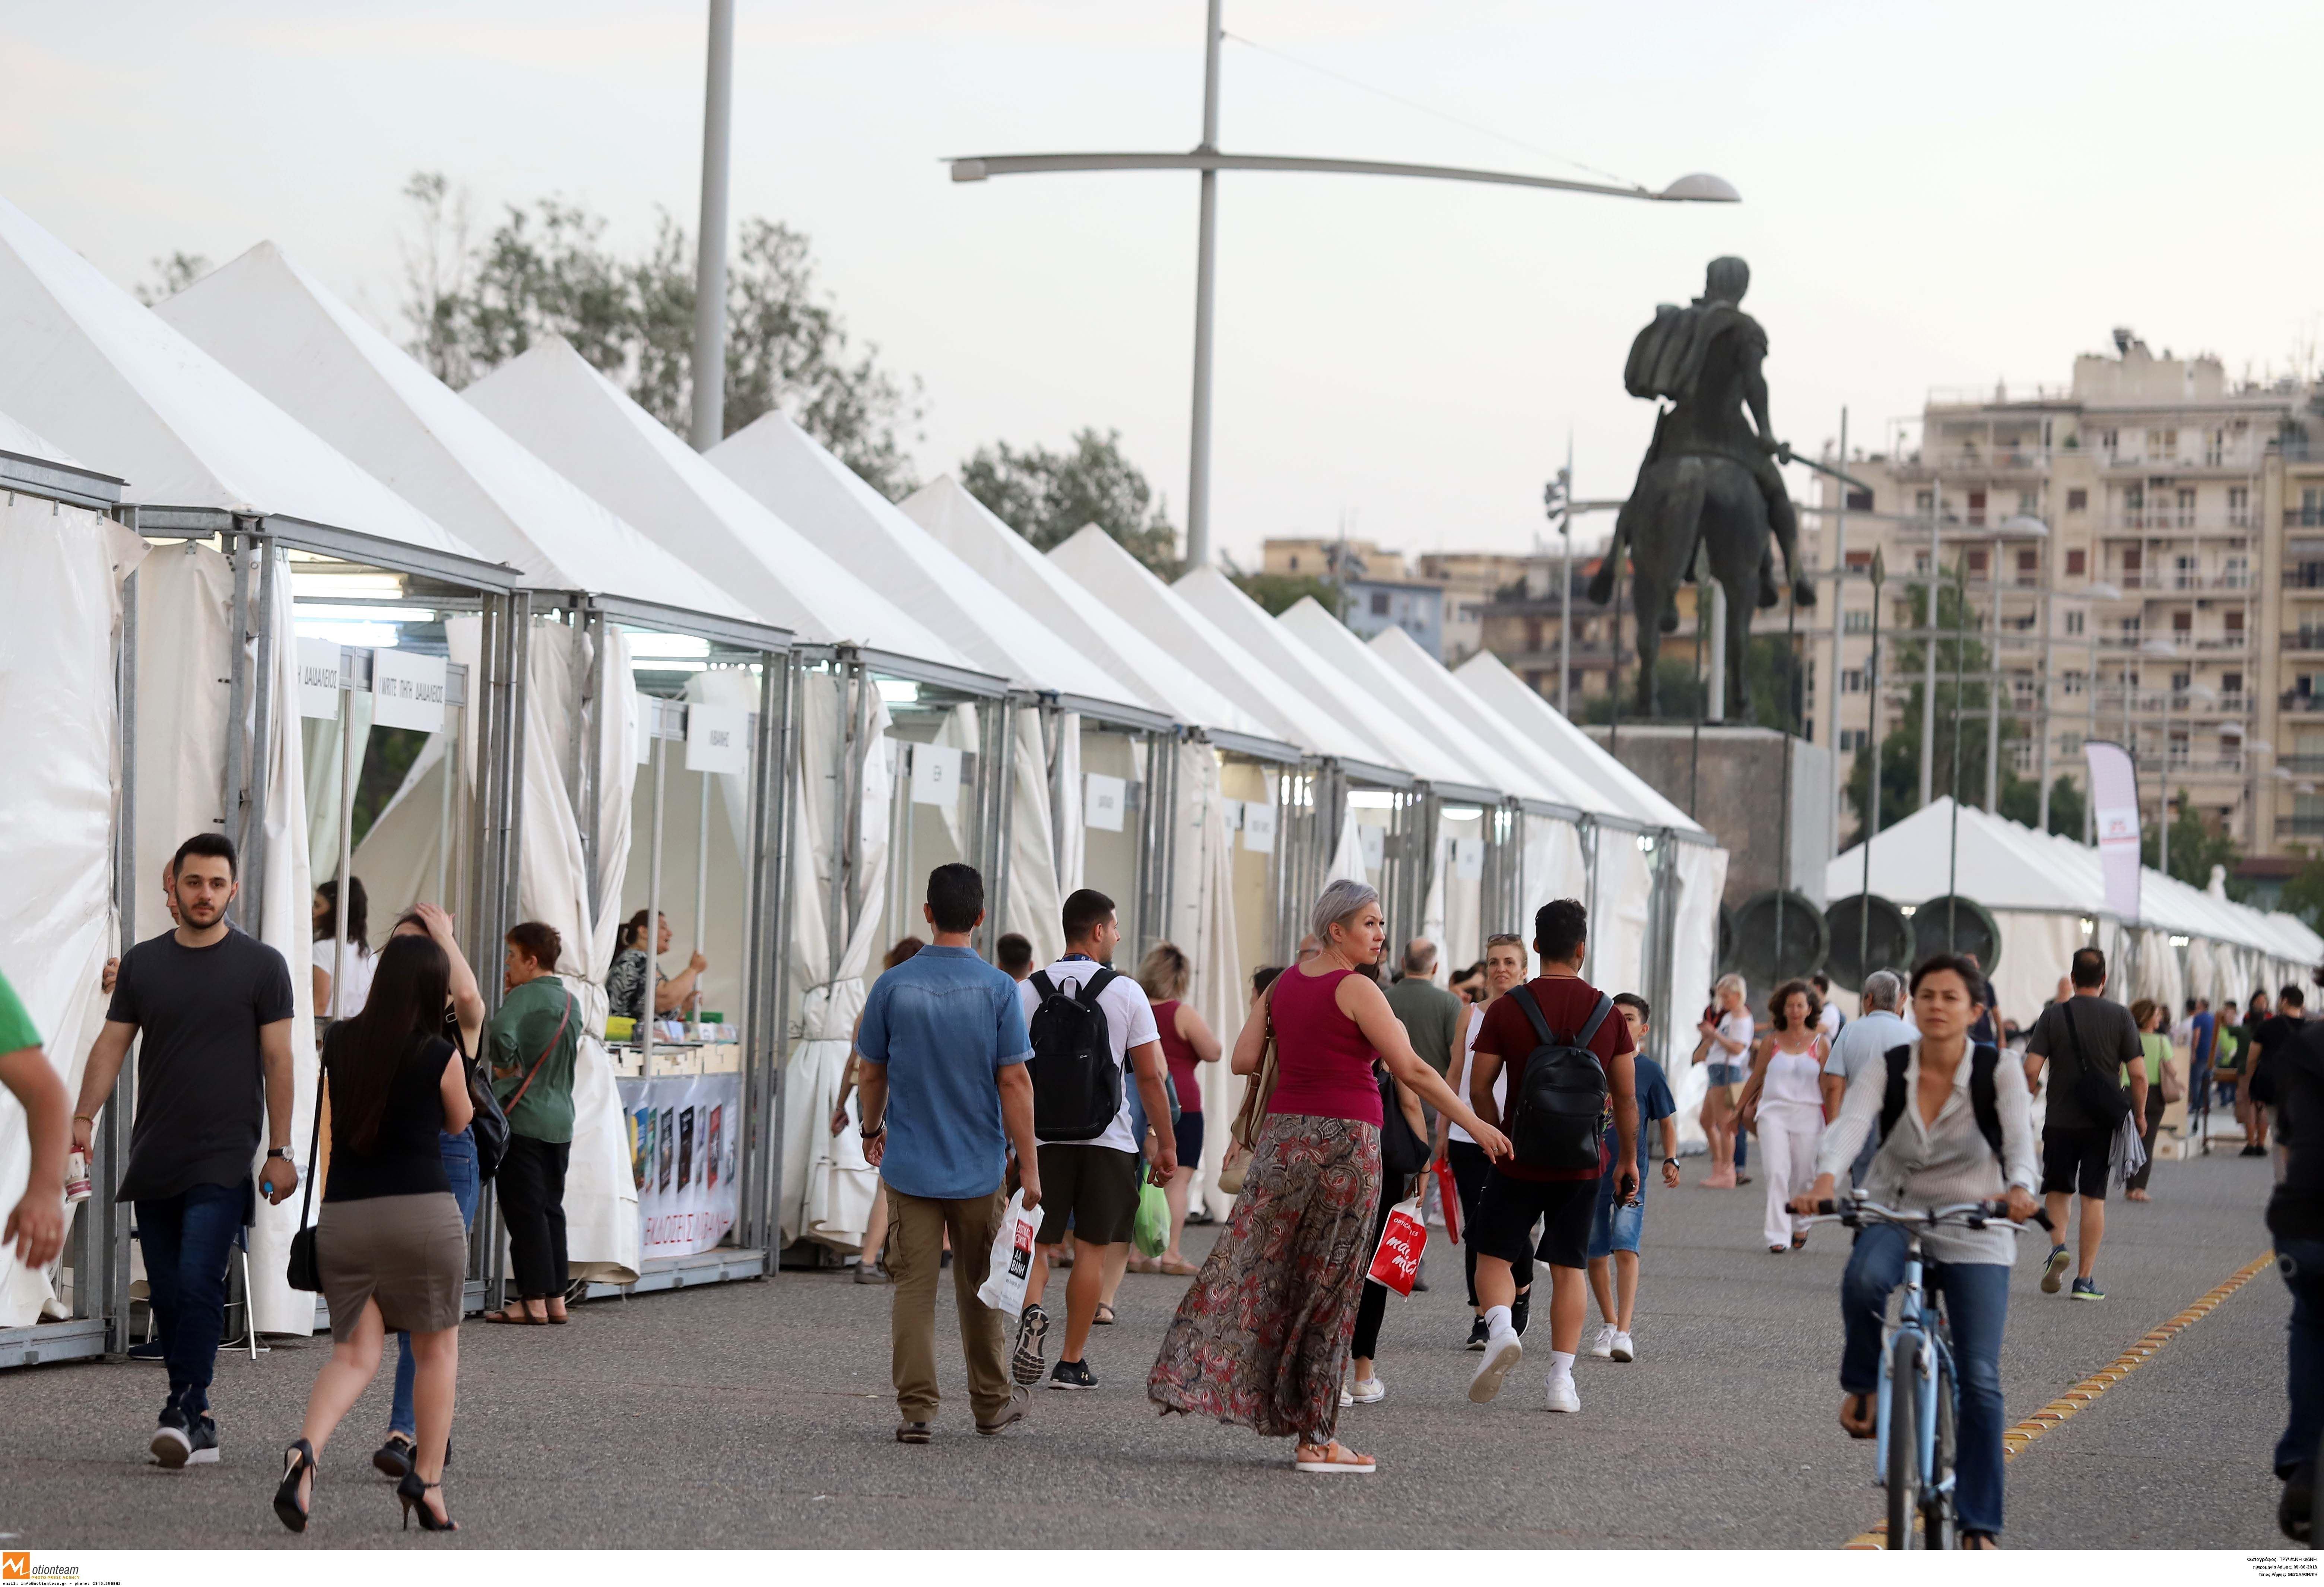 Δύο εκθέσεις για την «Αθήνα 2018 Παγκόσμια Πρωτεύουσα